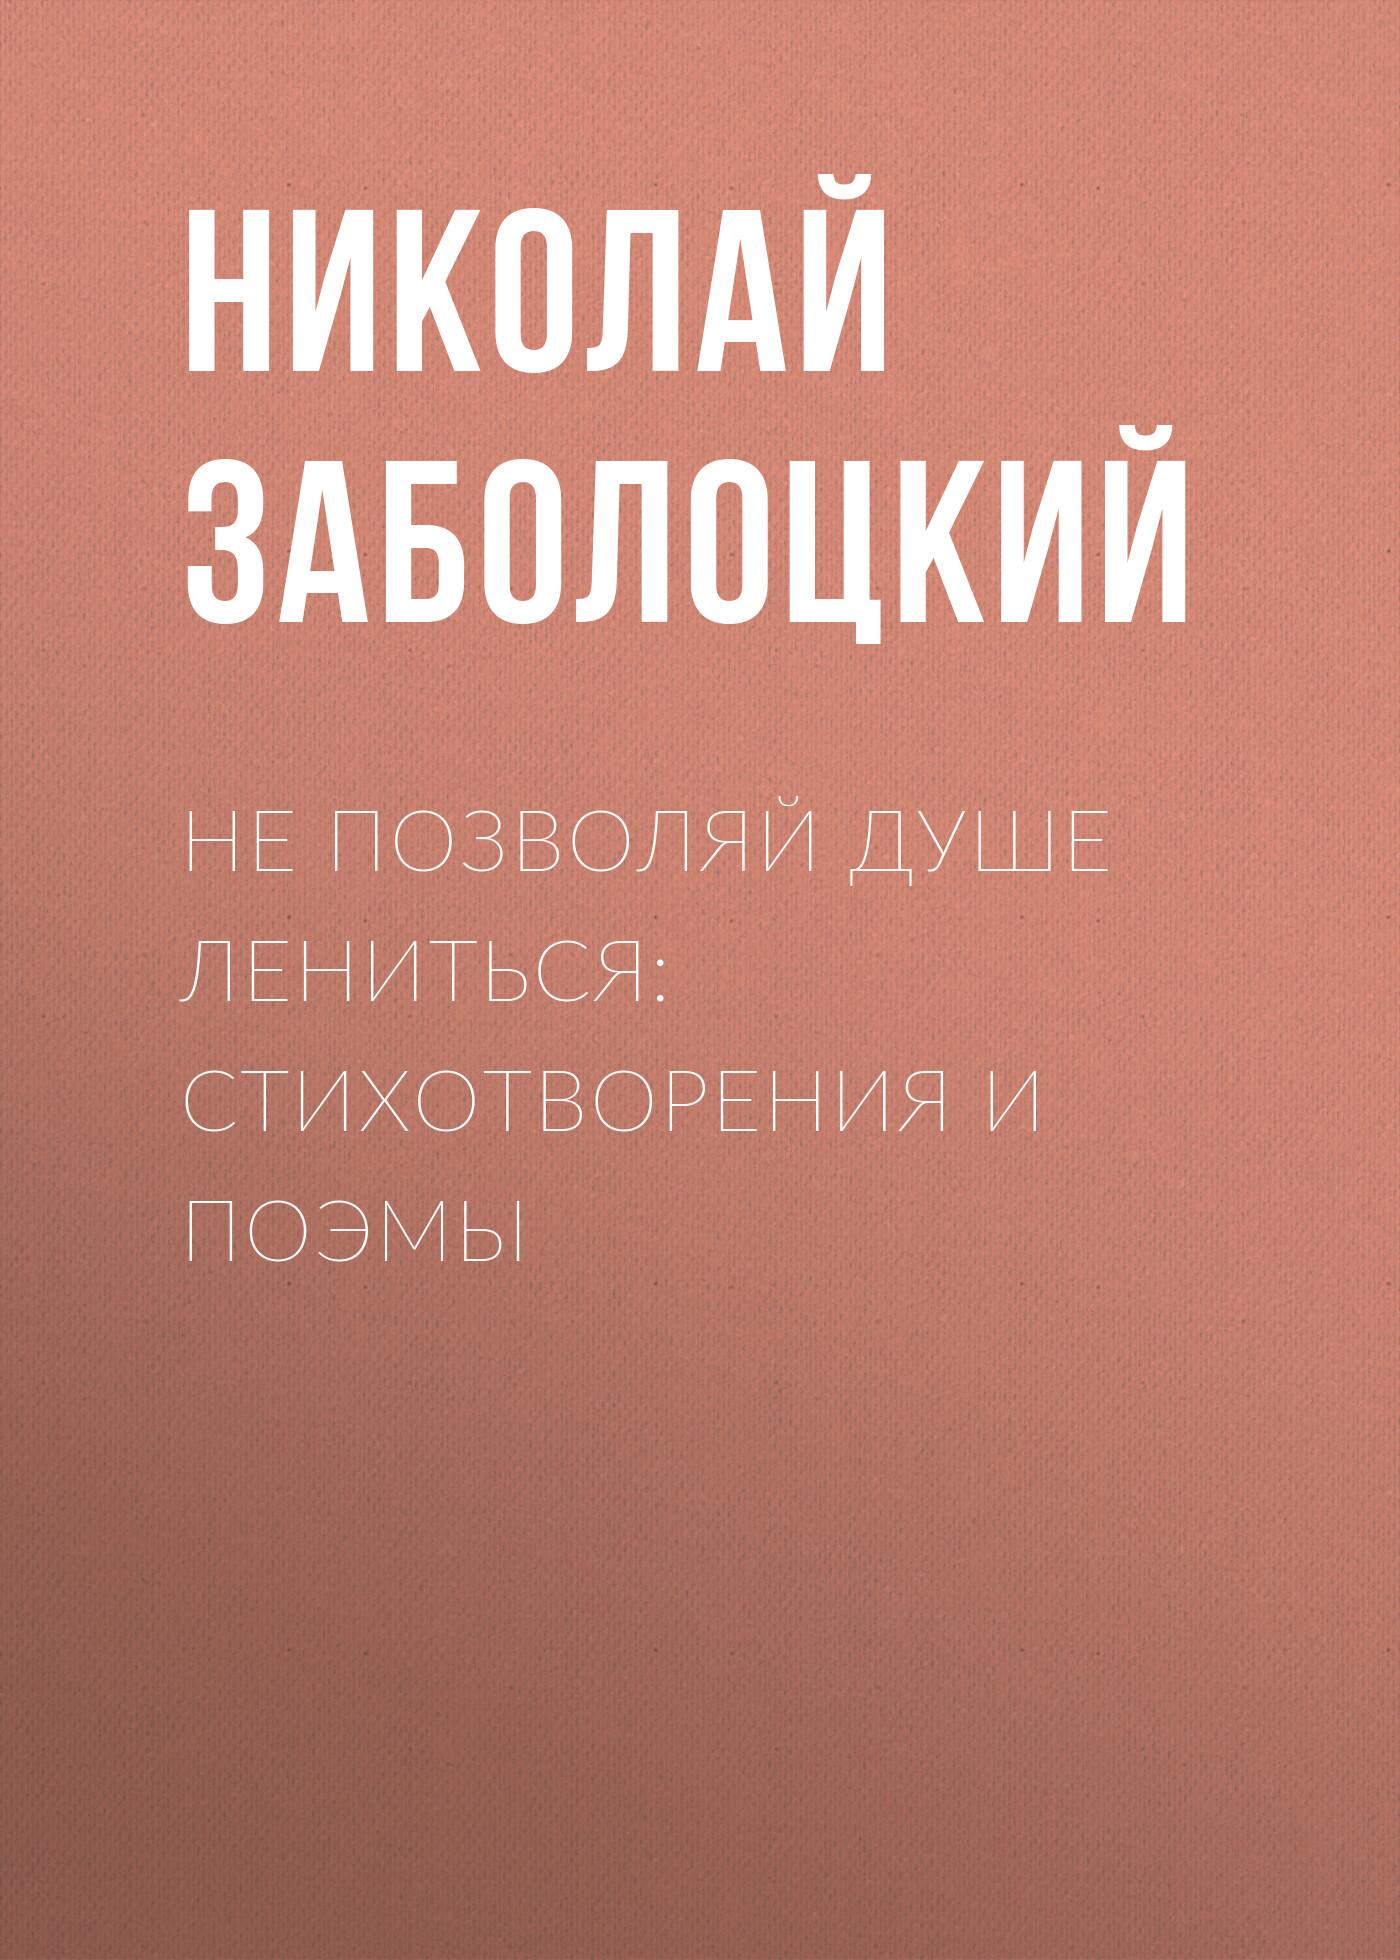 купить Николай Заболоцкий Не позволяй душе лениться: стихотворения и поэмы по цене 79.99 рублей